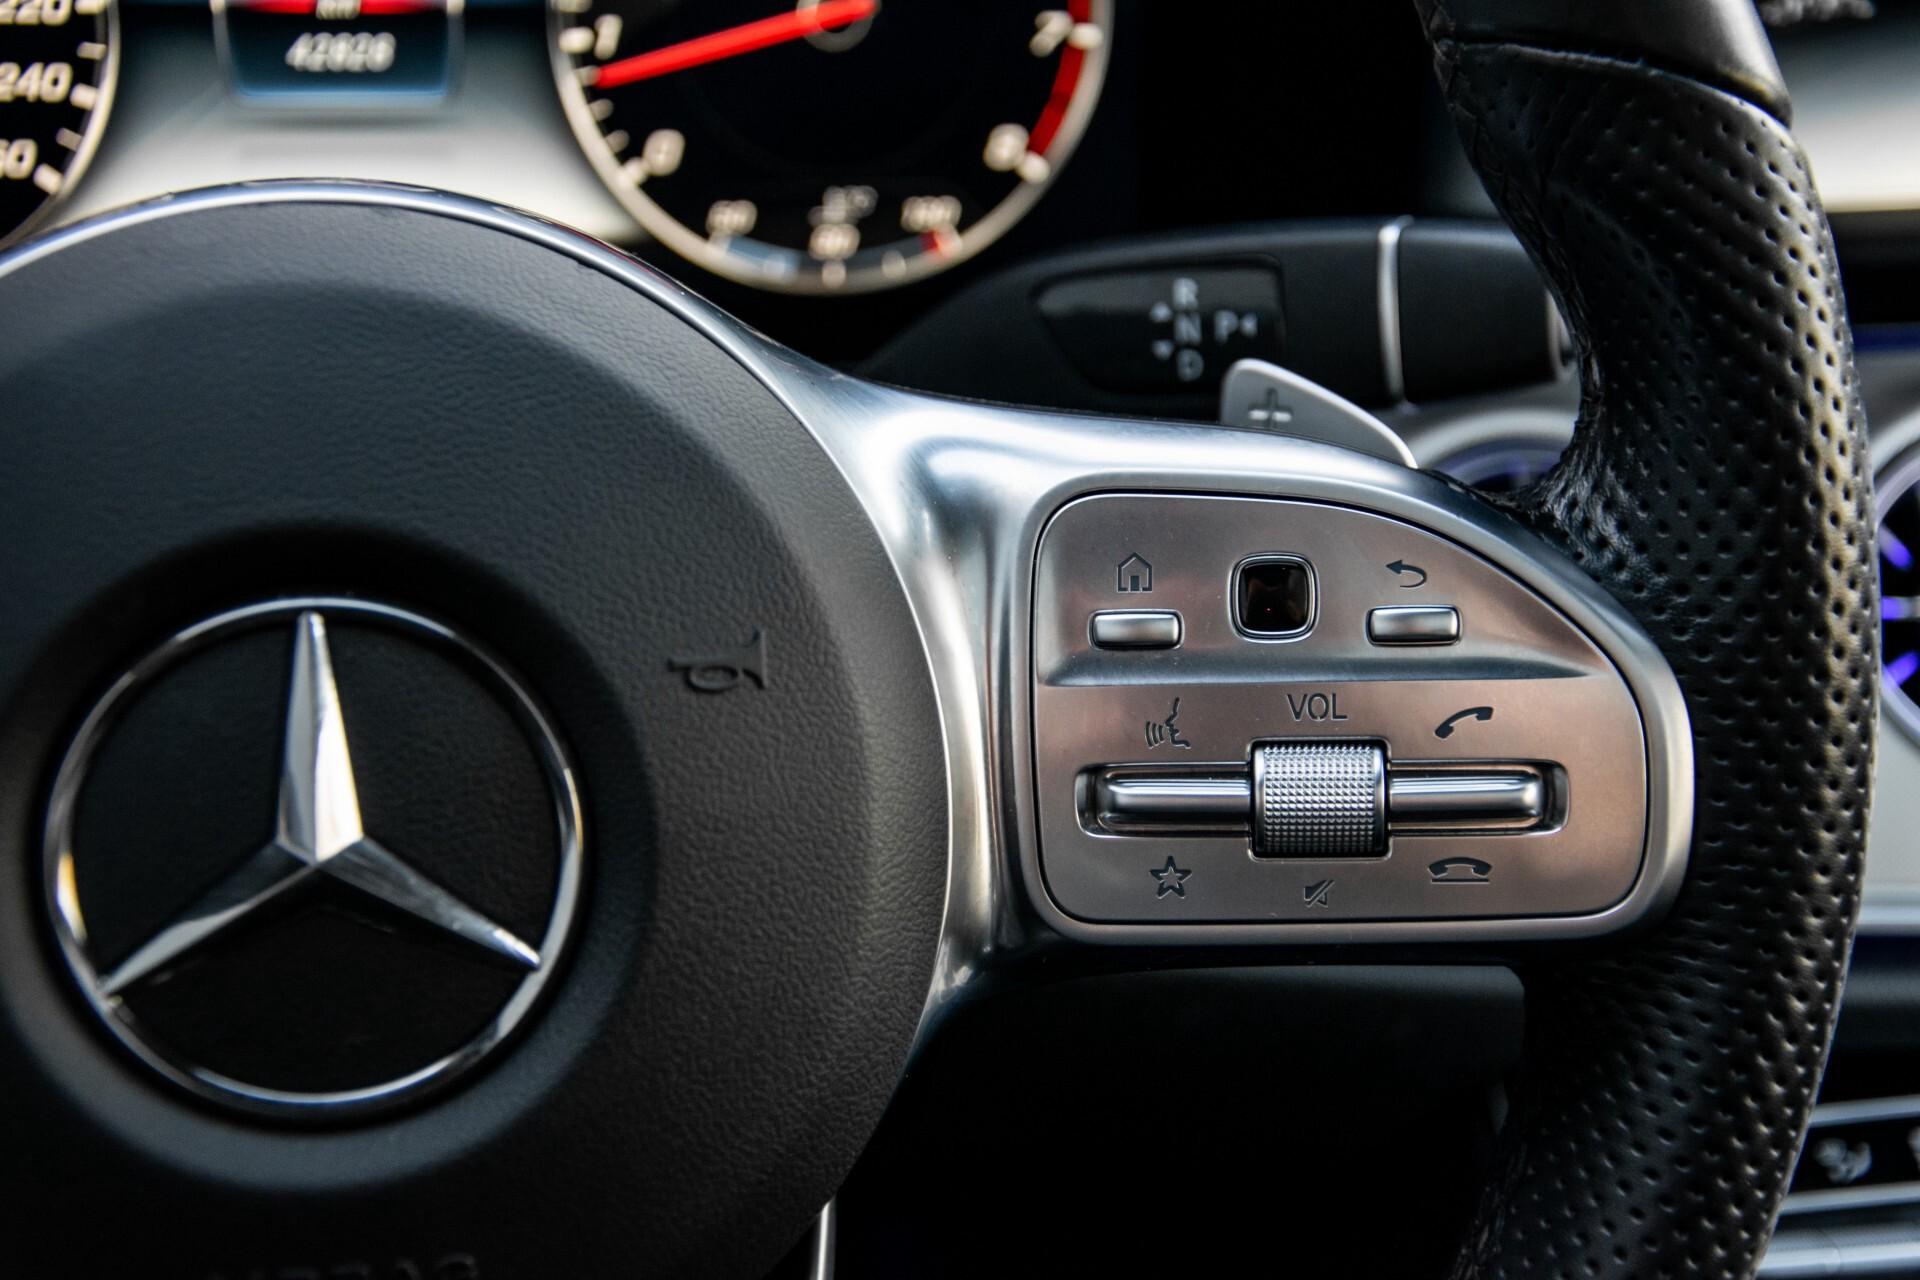 Mercedes-Benz E-Klasse Coupé 200 AMG Panorama/Night/Carbon/Premium/Widescreen/ILS Aut9 Foto 14